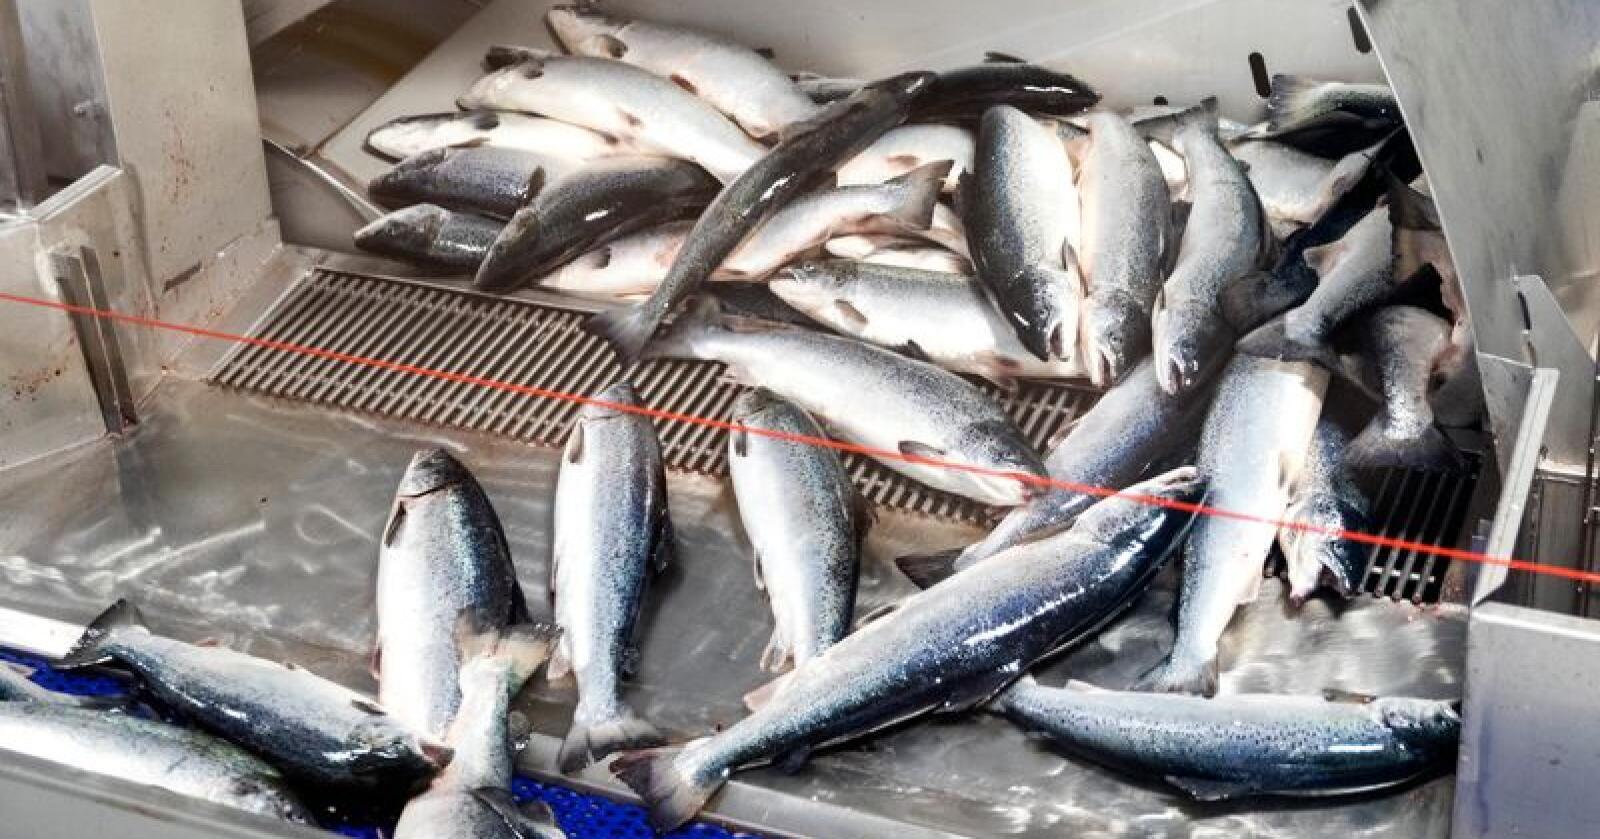 Fire norske børsnoterte oppdrettskonsern undersøkes av EU-kommisjonen for prissamarbeid. Foto: Gorm Kallestad / NTB scanpix